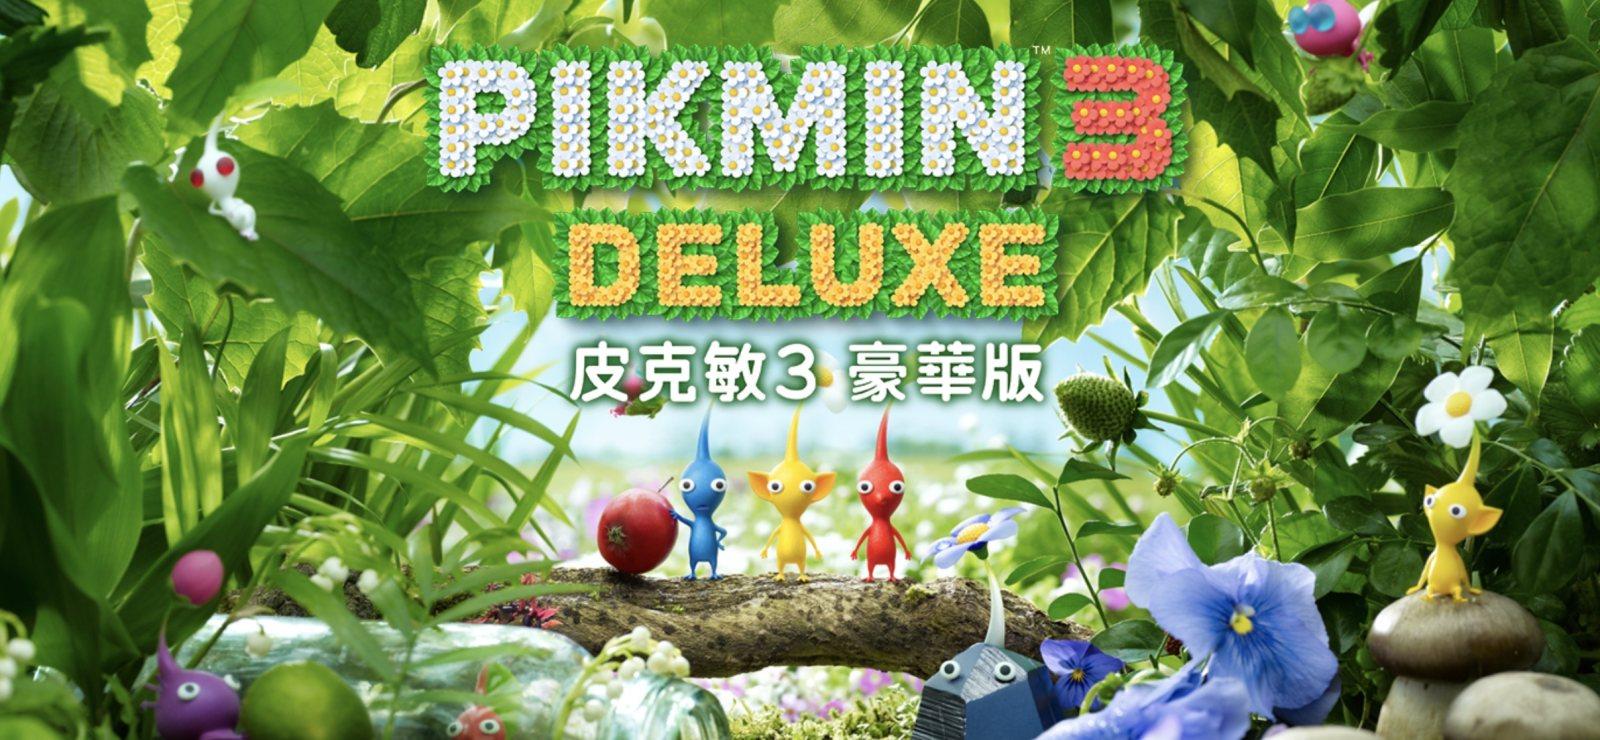 与可爱生物建立友谊,《皮克敏3 豪华版》最新电视广告